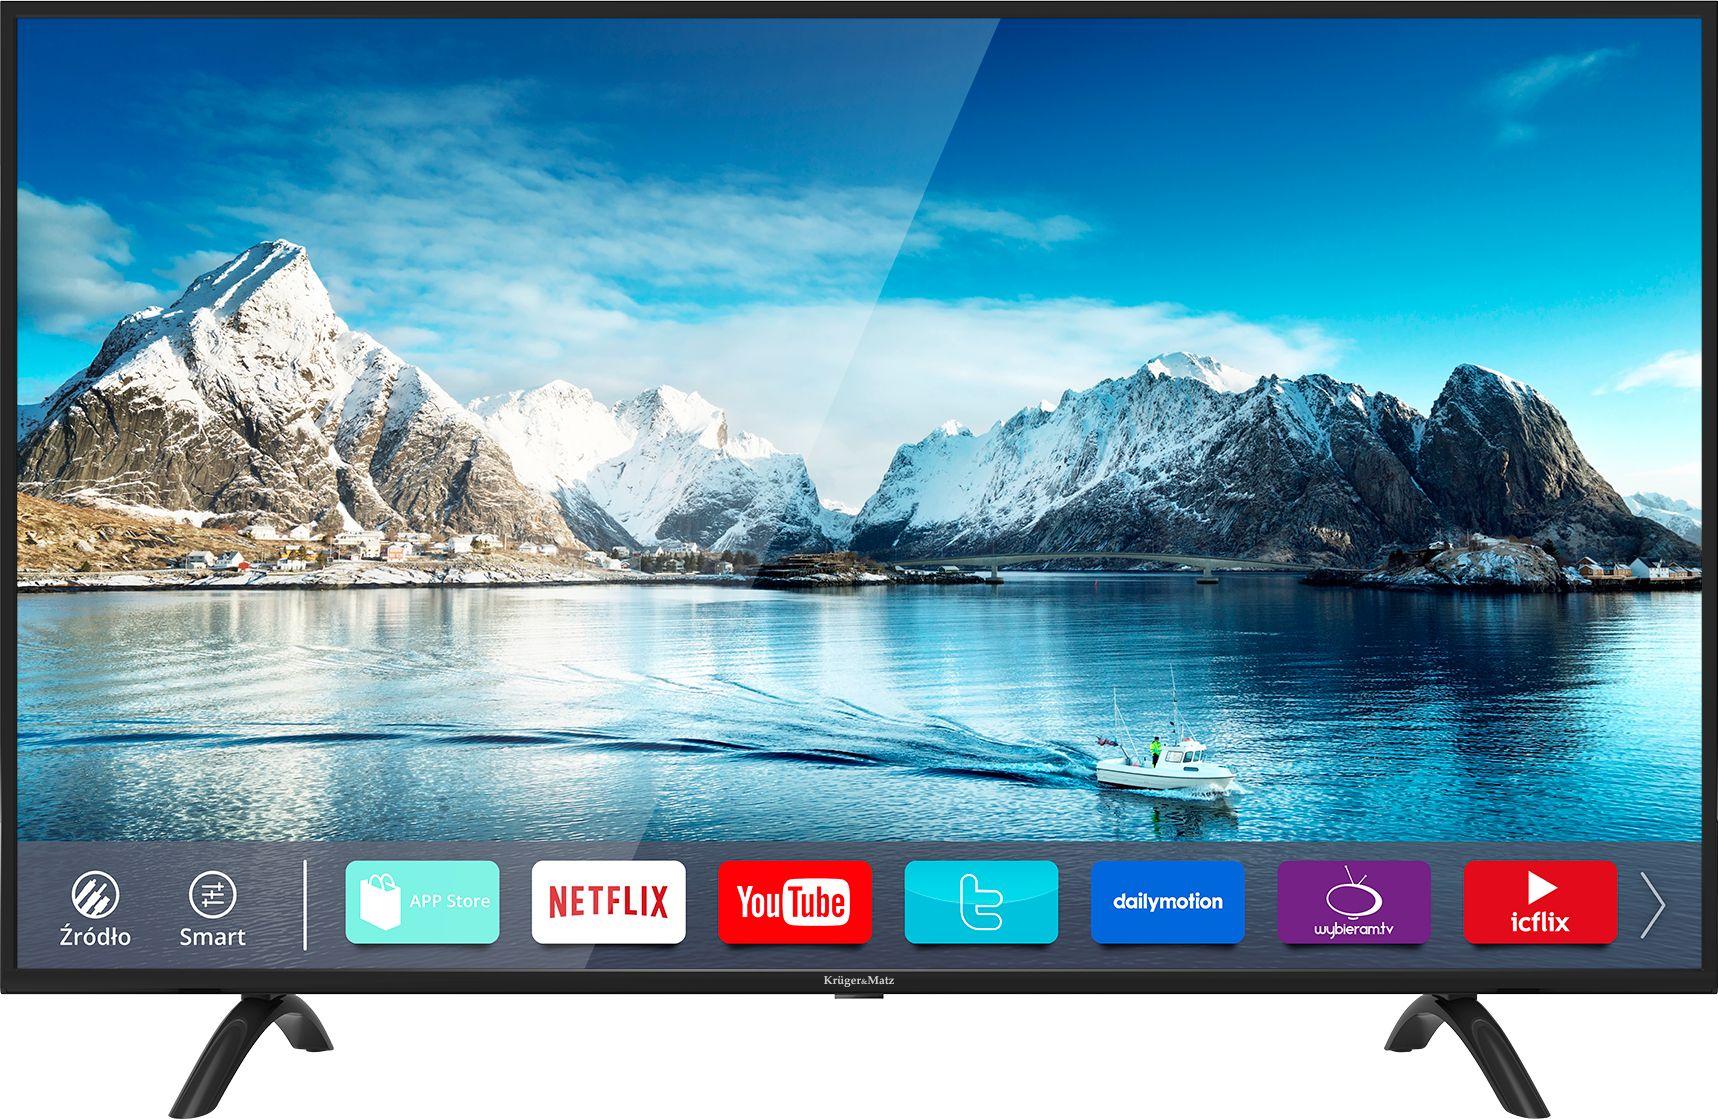 Kruger&Matz 55 KM0255UHD-S3 4K, Smart TV, NETFLIX